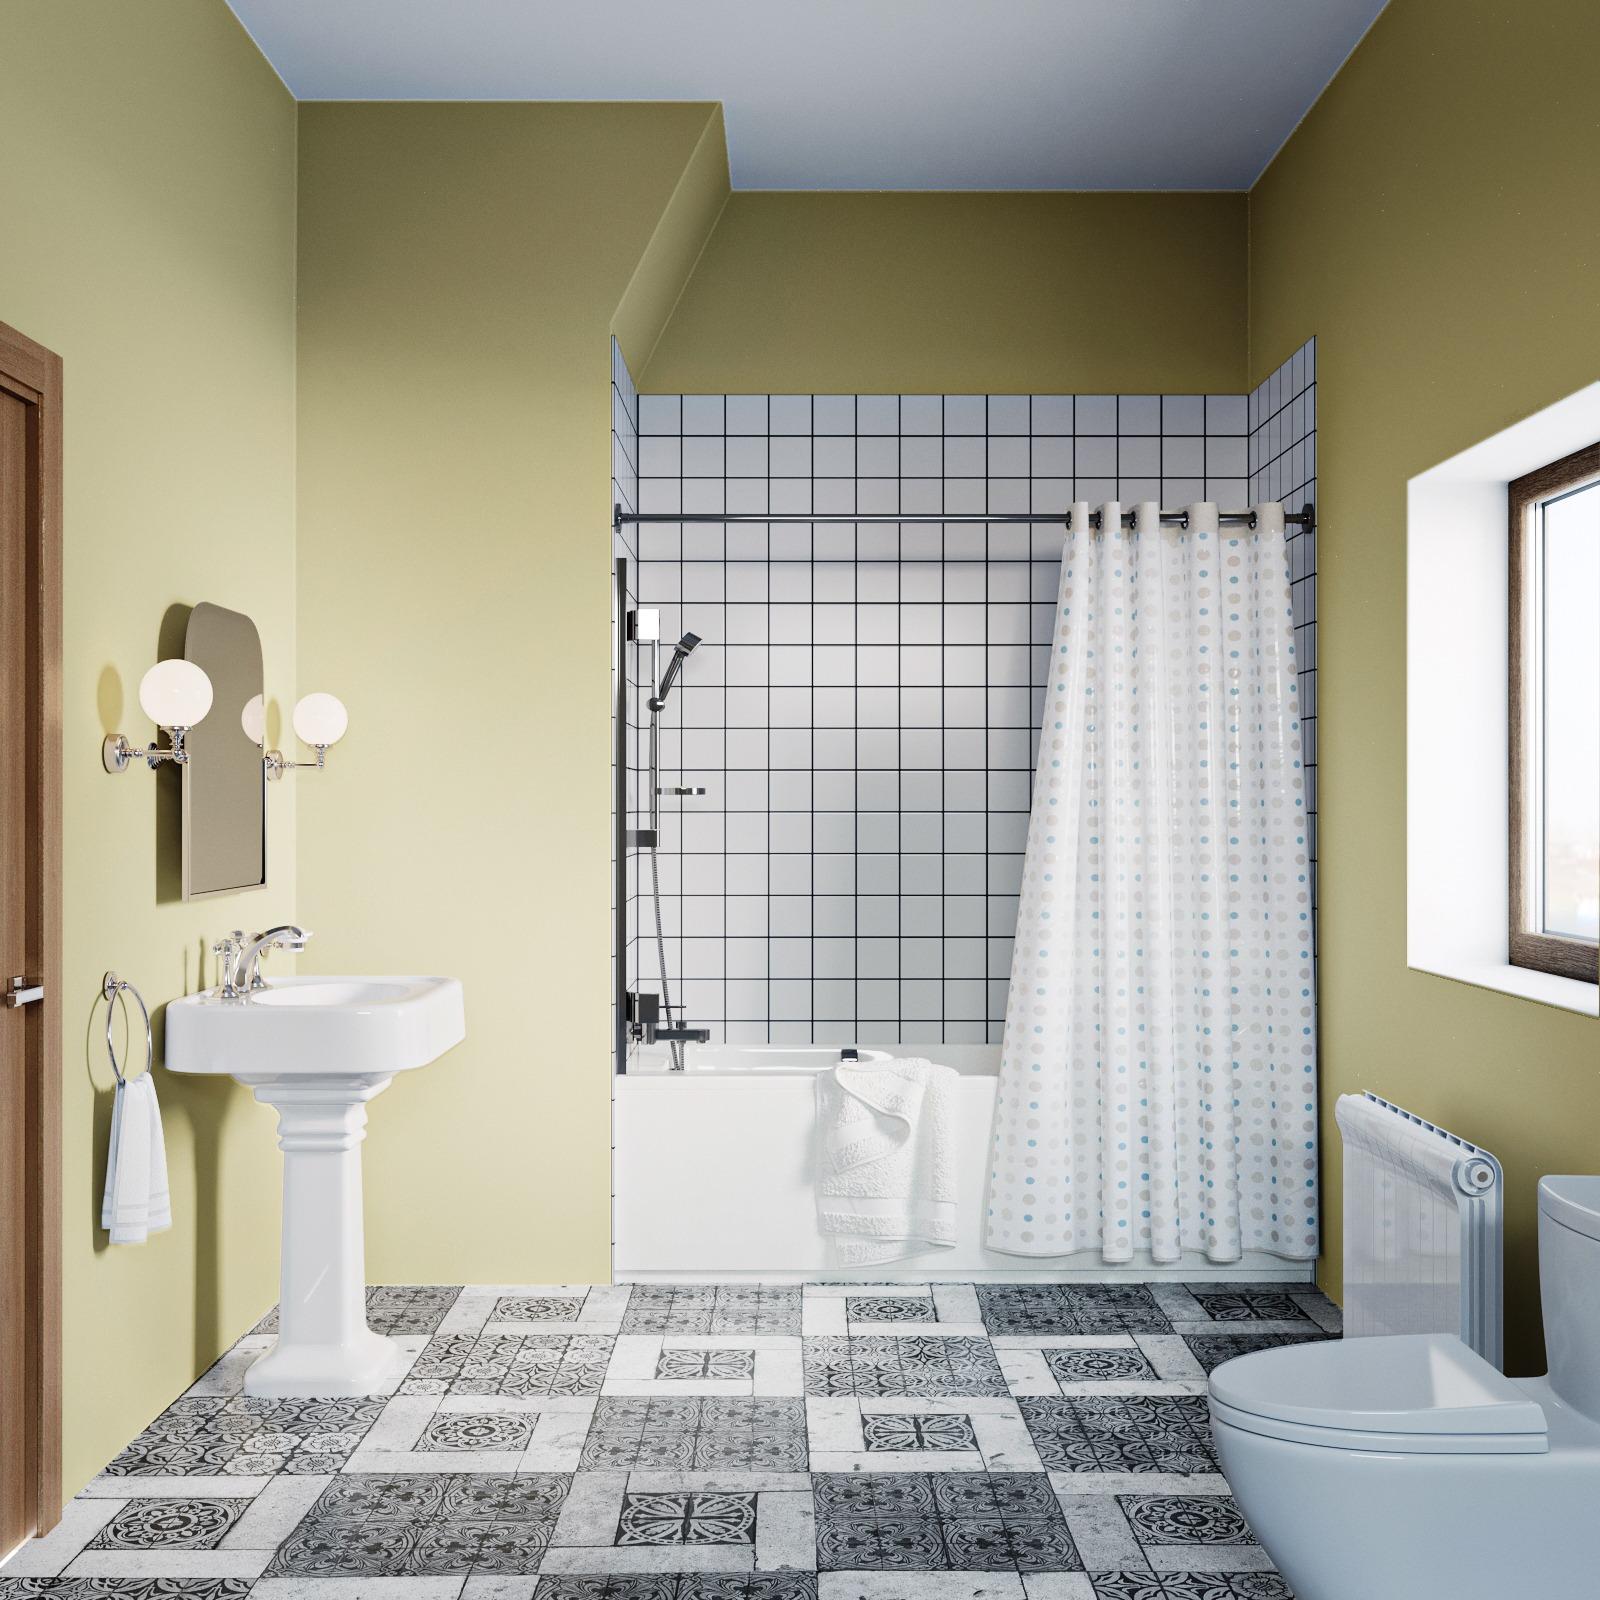 bad naar douche renovatie 1